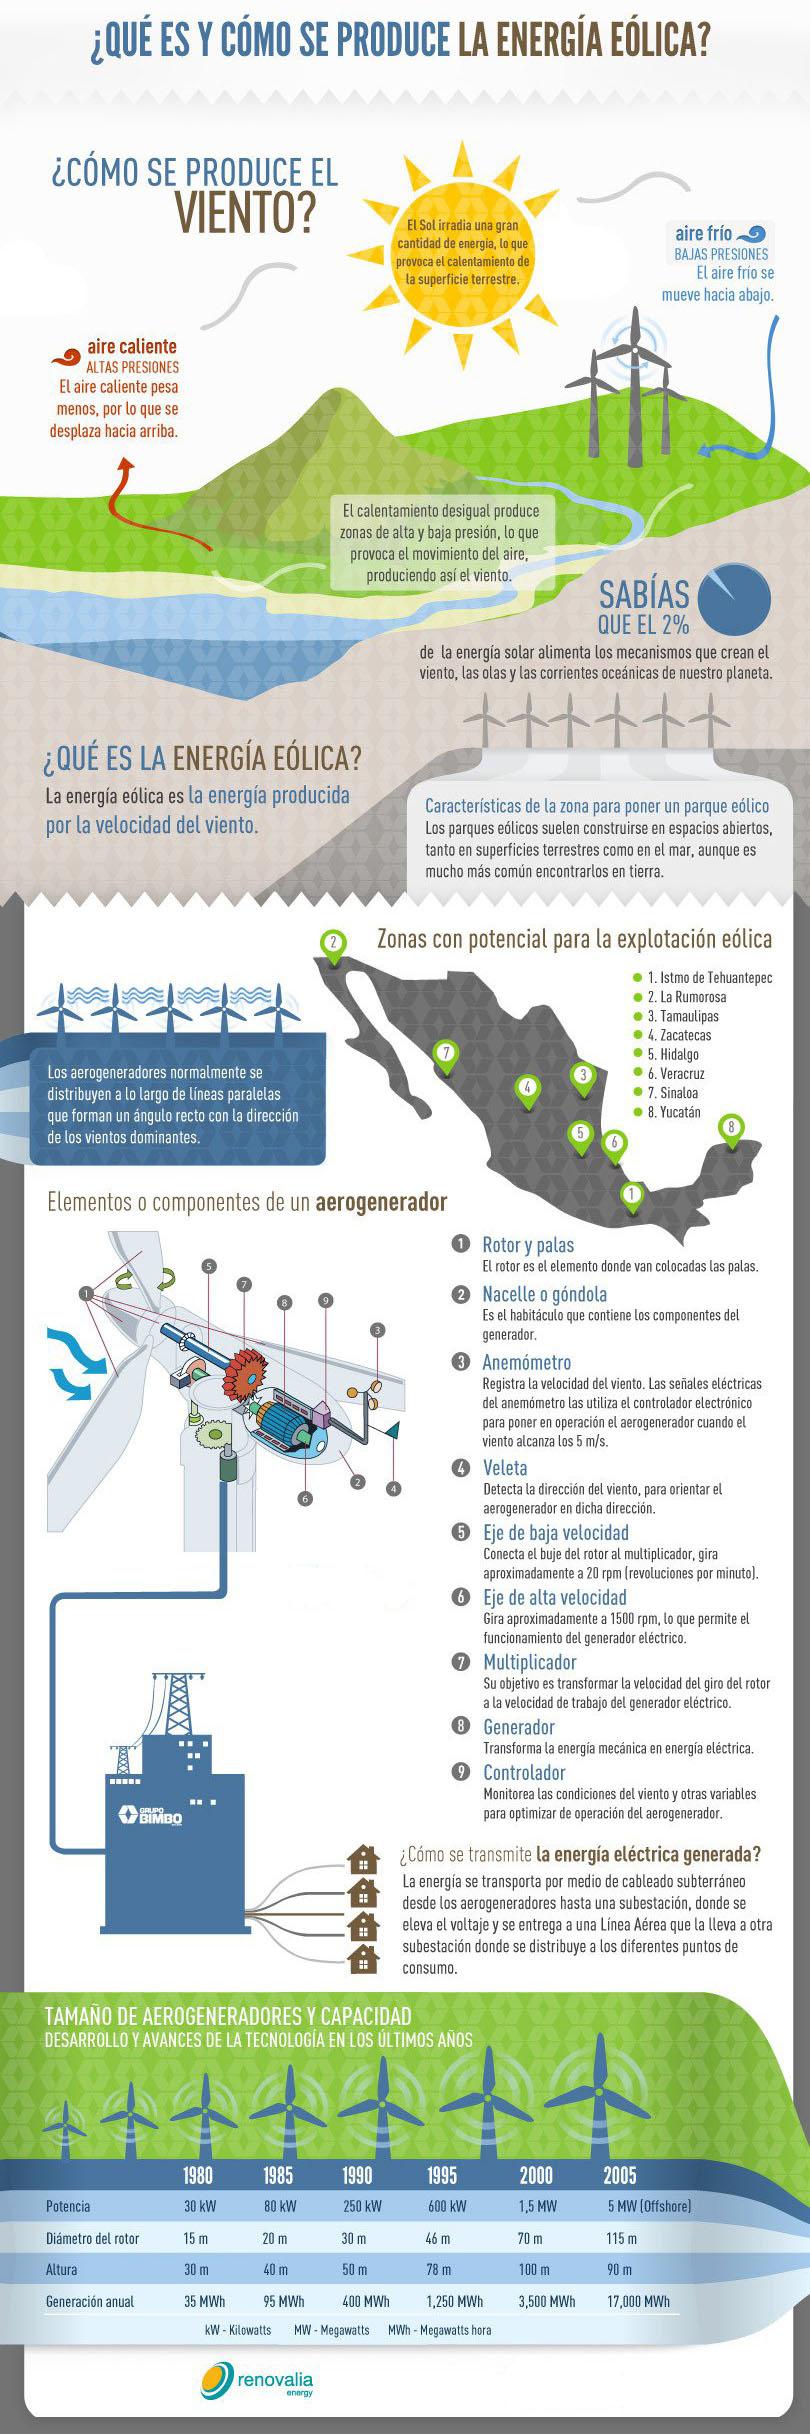 ¿Qué es y cómo se produce la energía eólica?